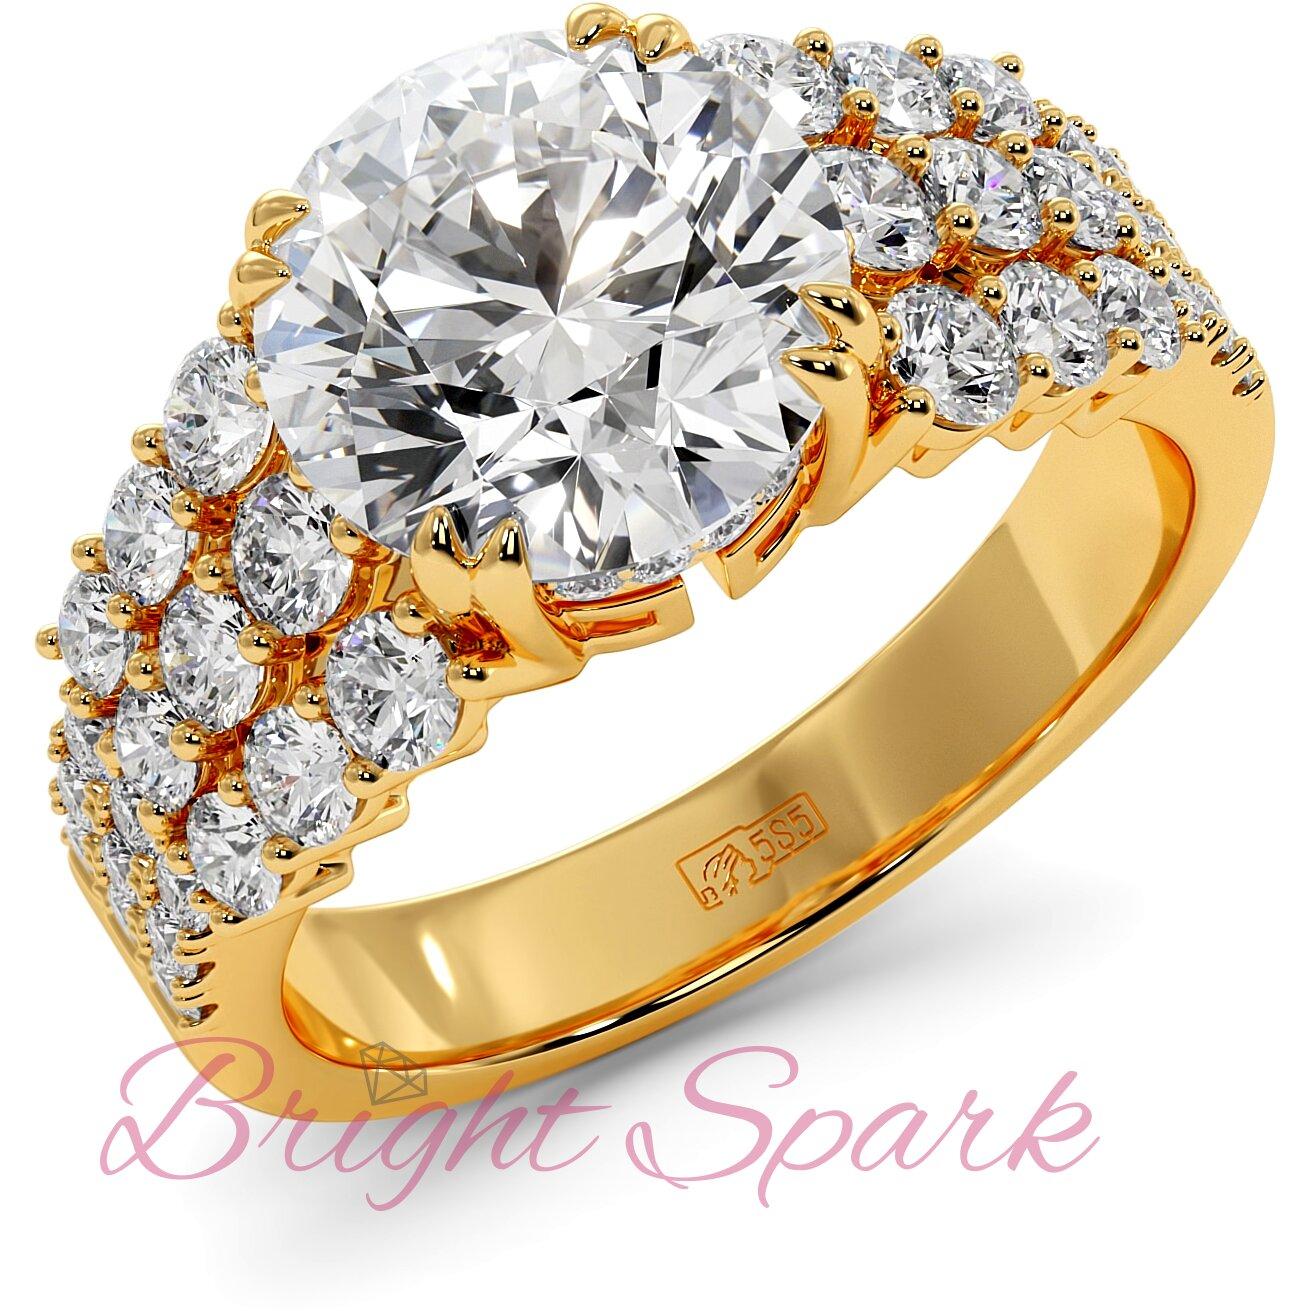 Помолвочное кольцо желтого золота с тремя дорожками Stella 3,6 карата